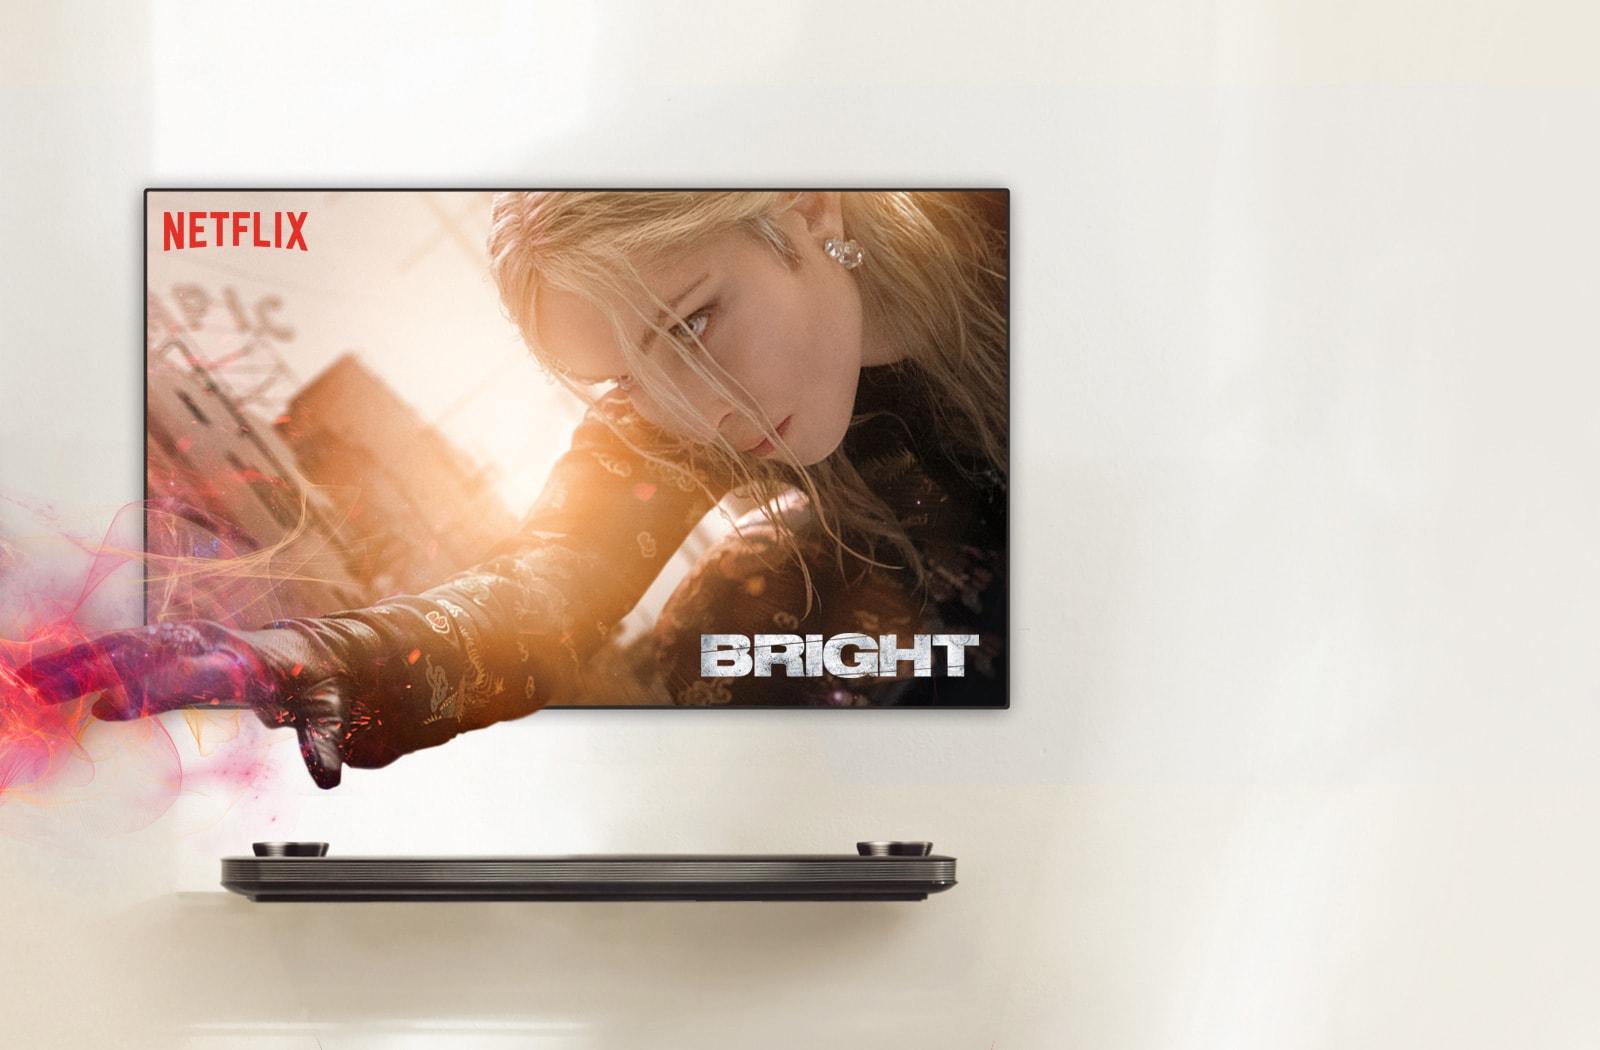 wie funktioniert netflix auf dem fernseher